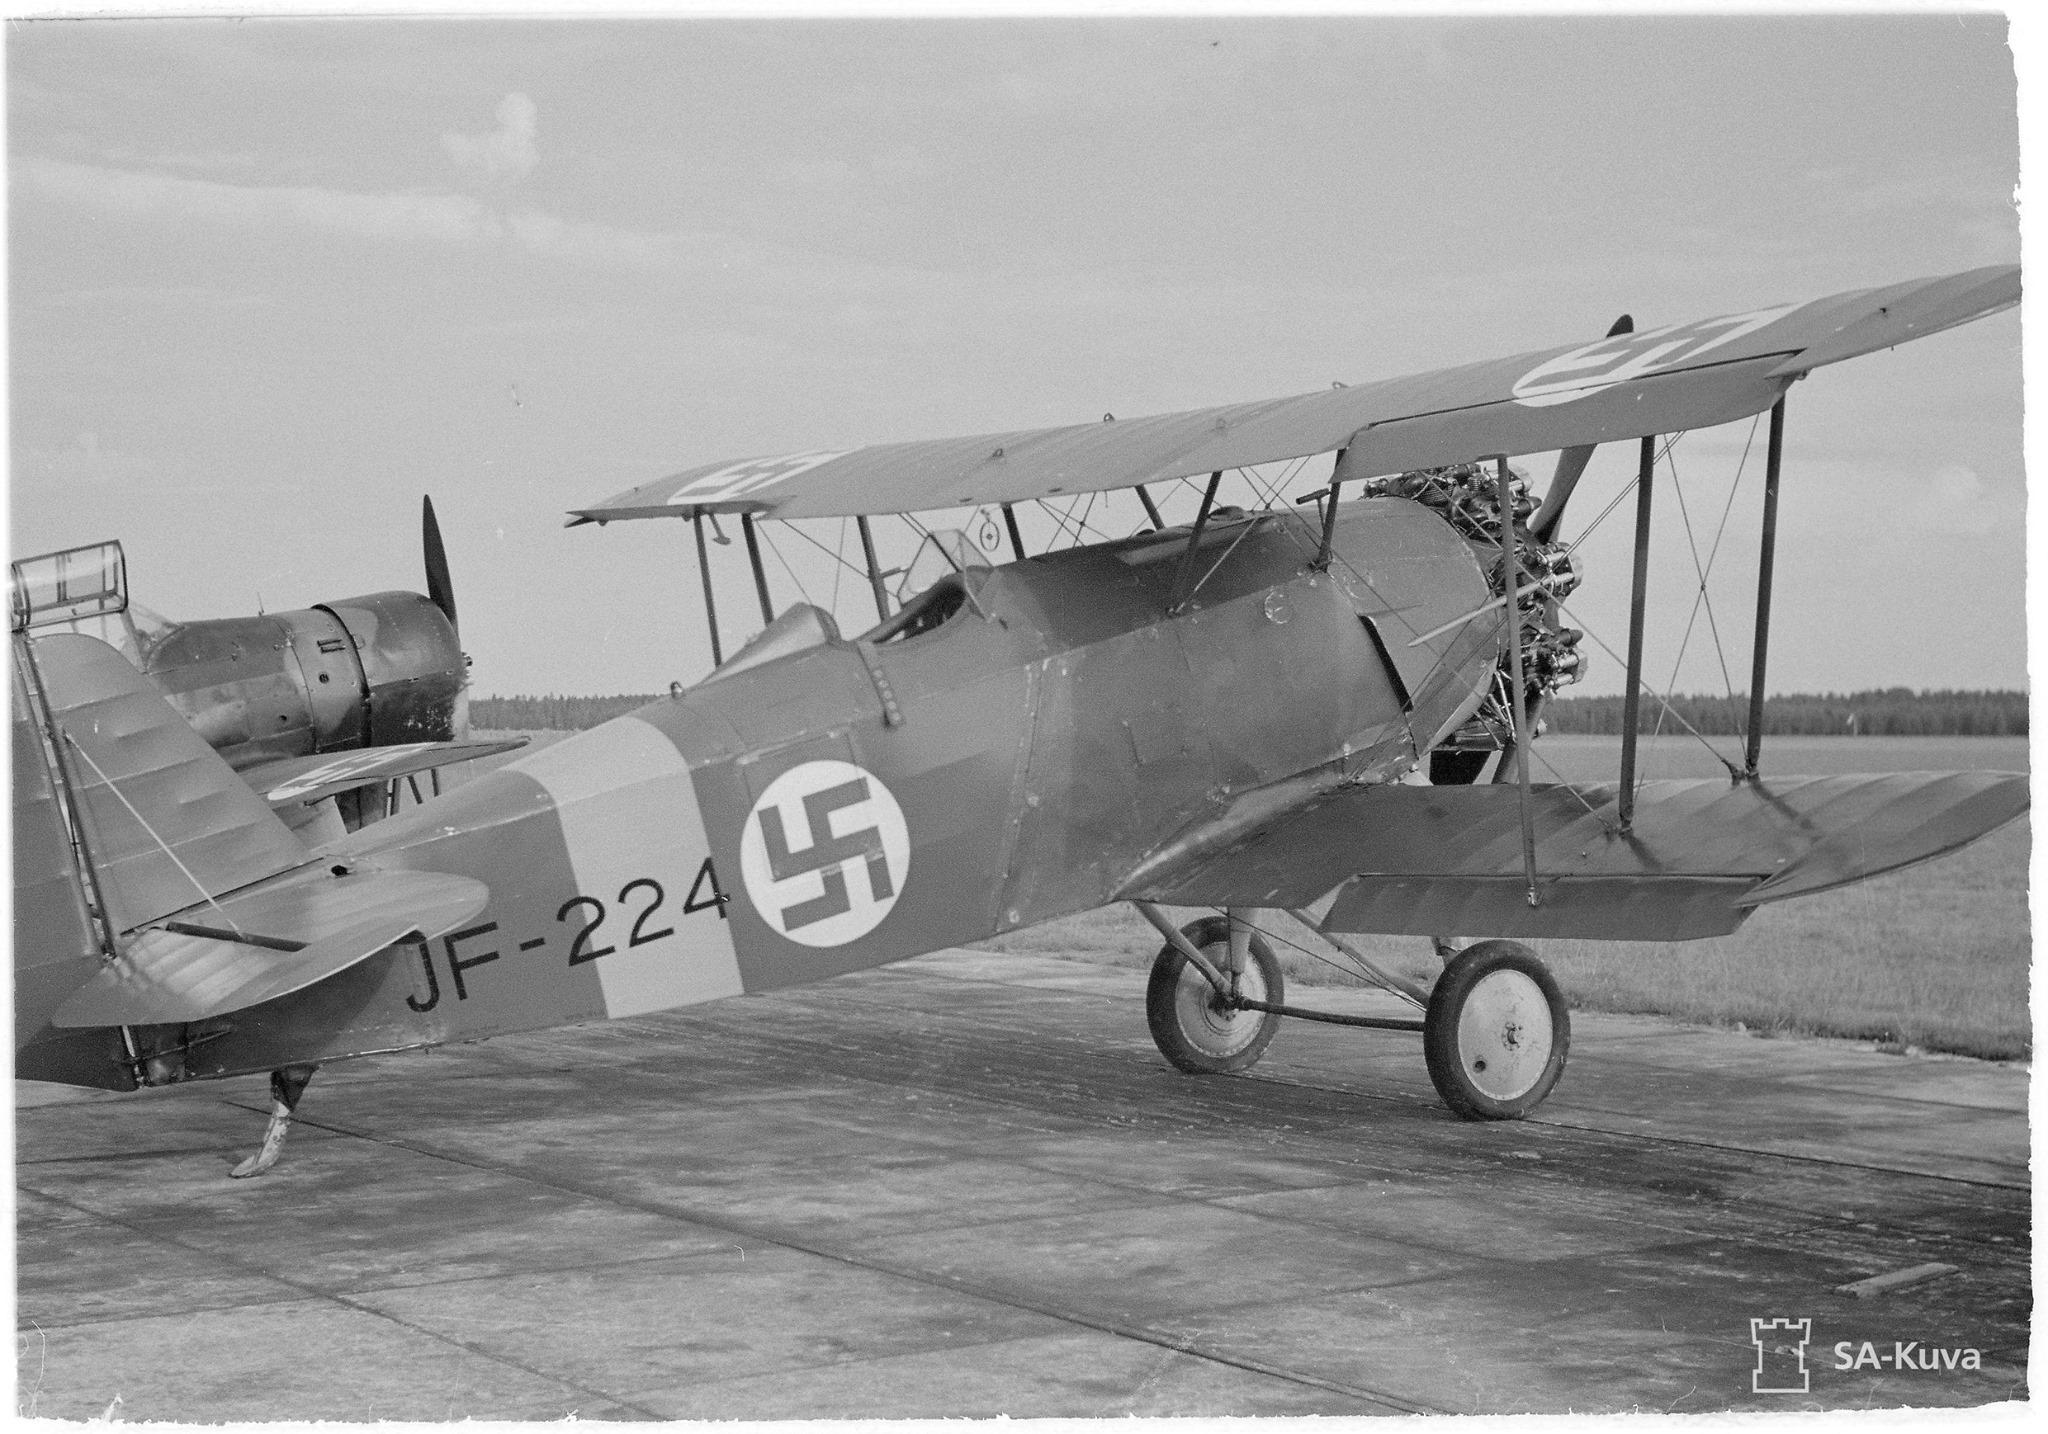 Svenska Aero SA-14 Jaktfalken vadászgép. Finnország 3 db-ot kap Svédországtól 1939. december 8-án. A már elavult vadászgépeket a finnek kiképzőgépként használják 1945-ig.